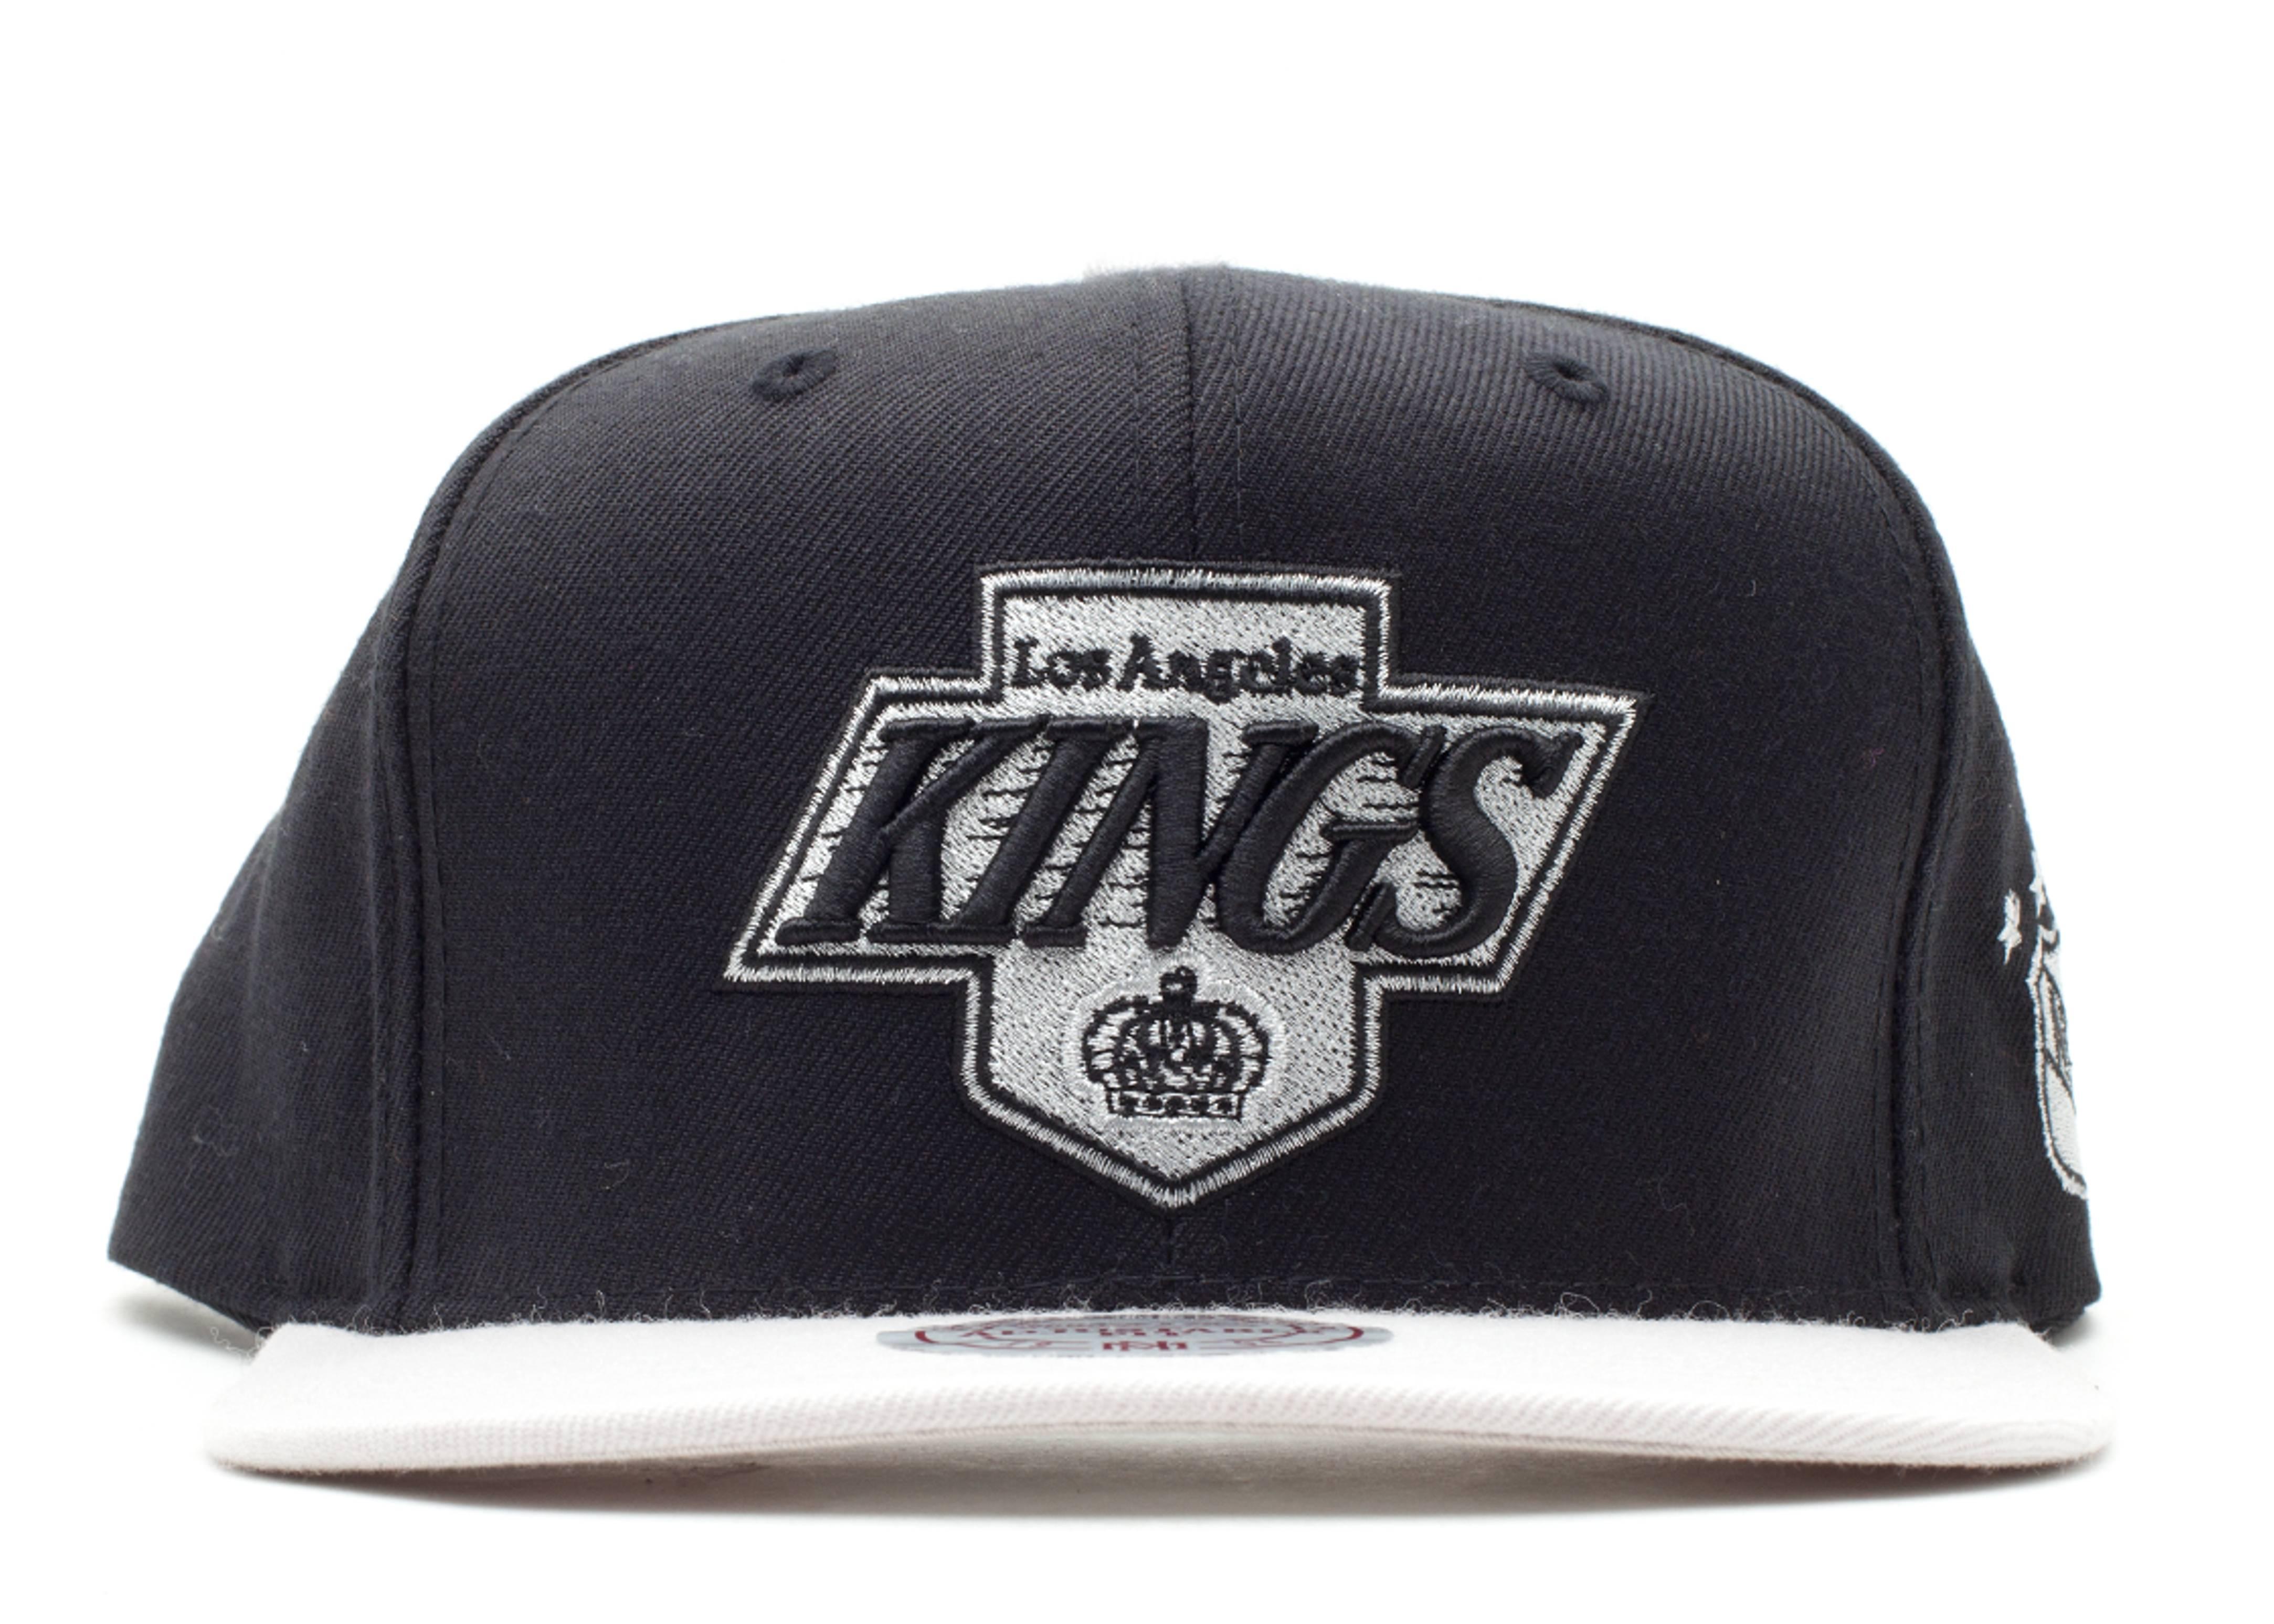 los angels kings snap-back